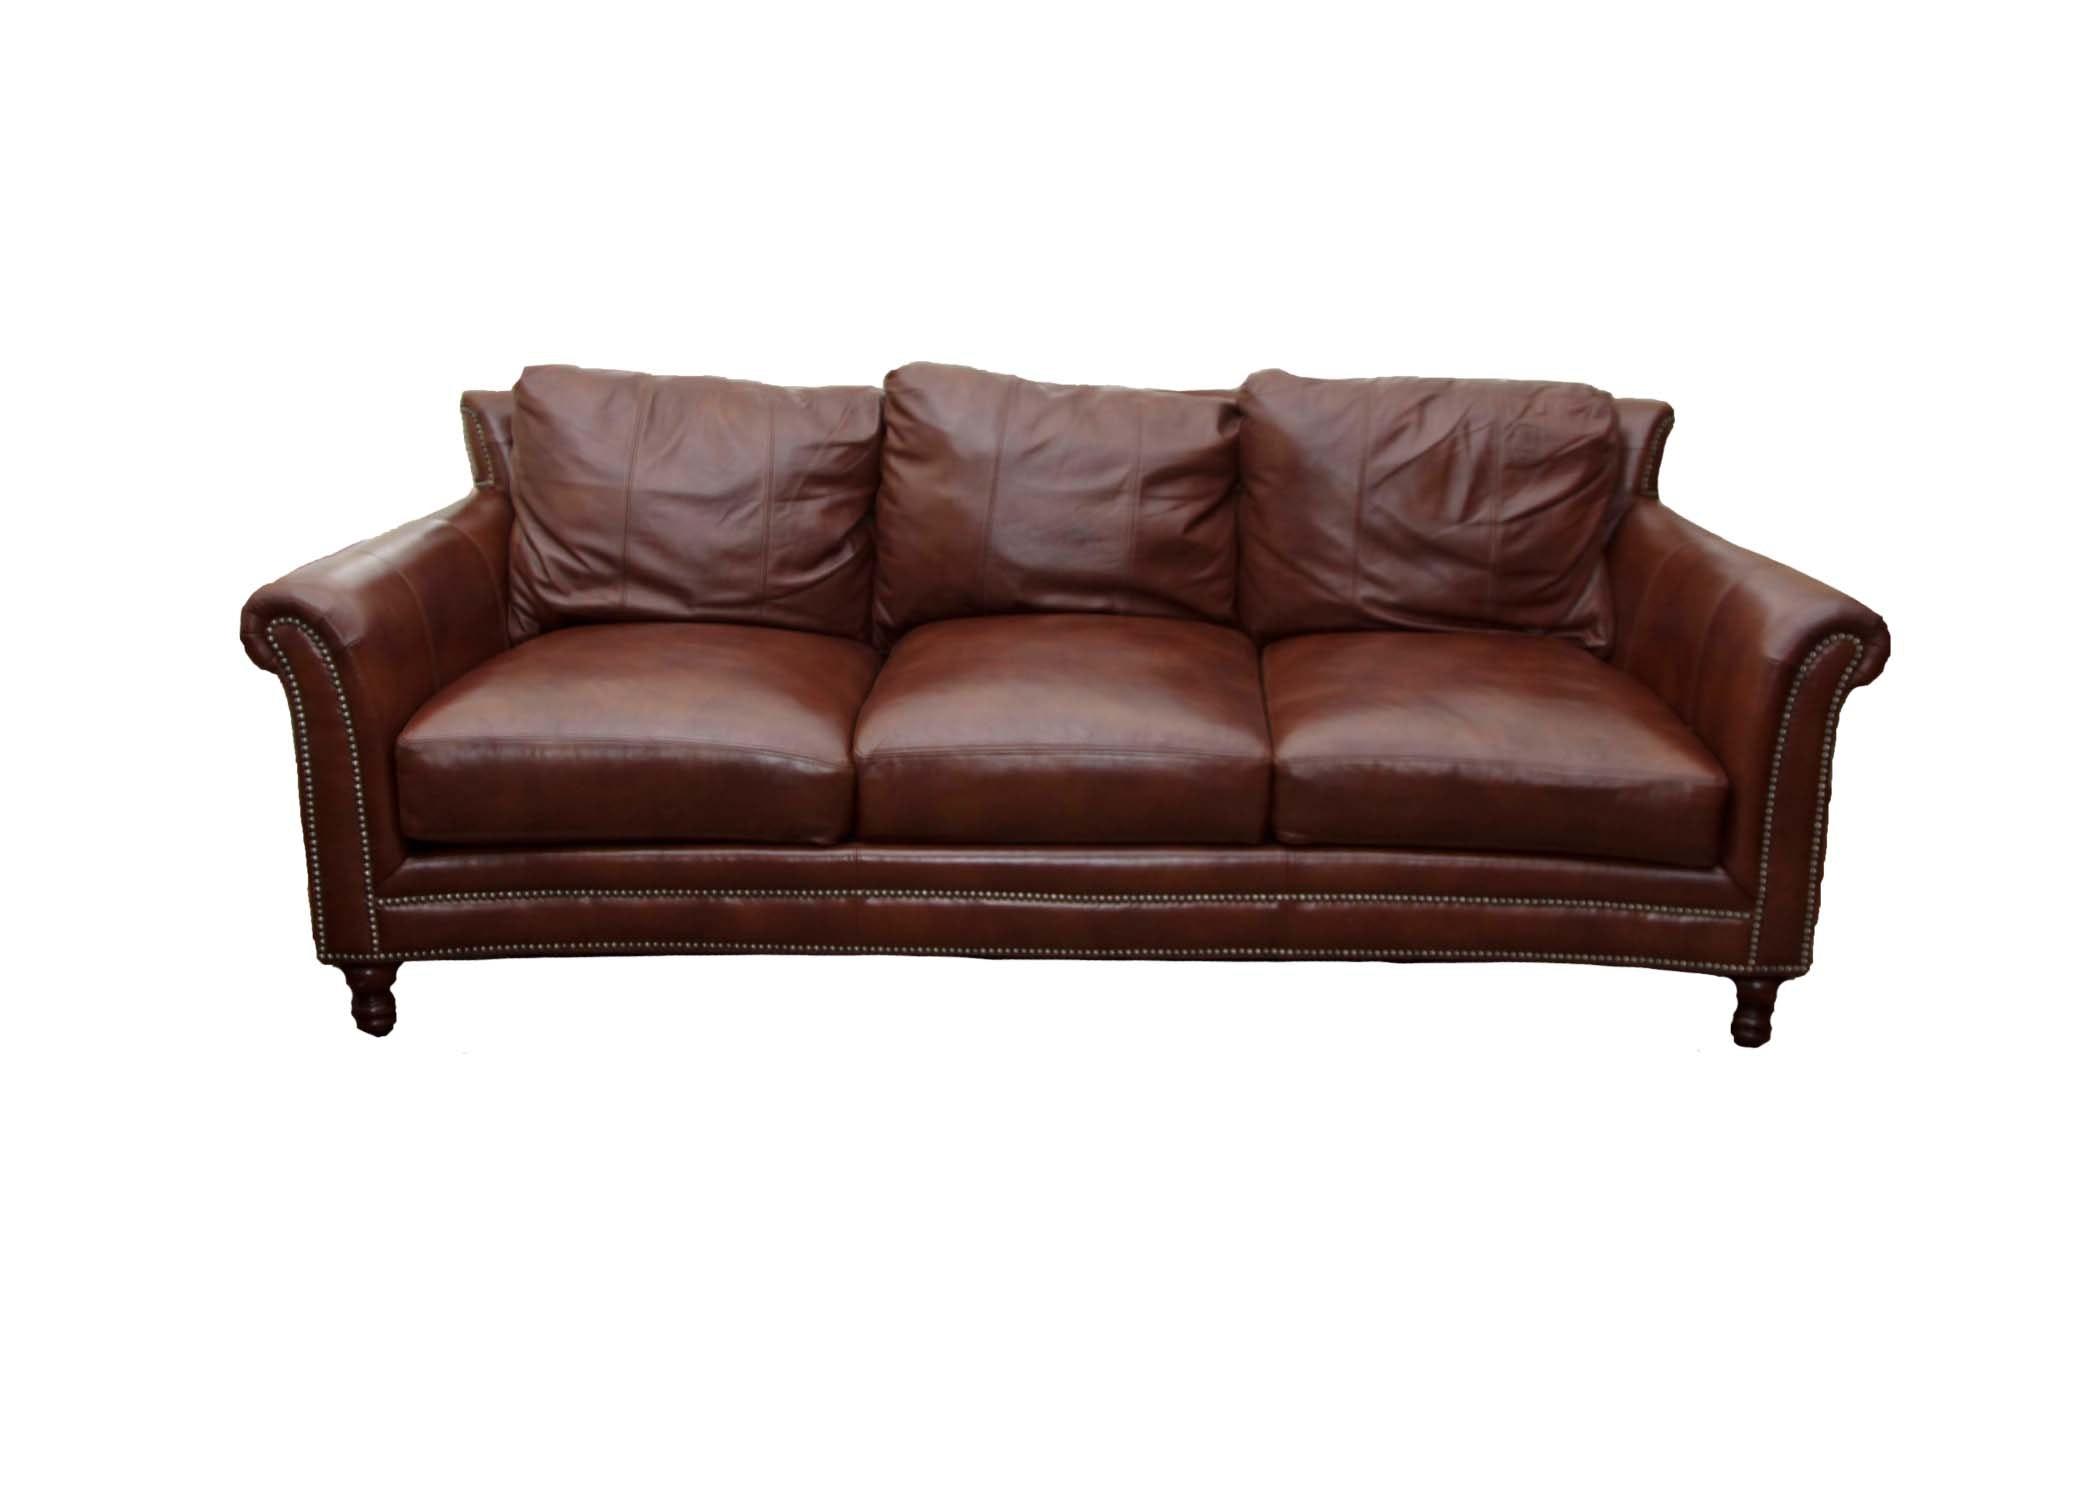 Bradington Young Brown Leather Sofa